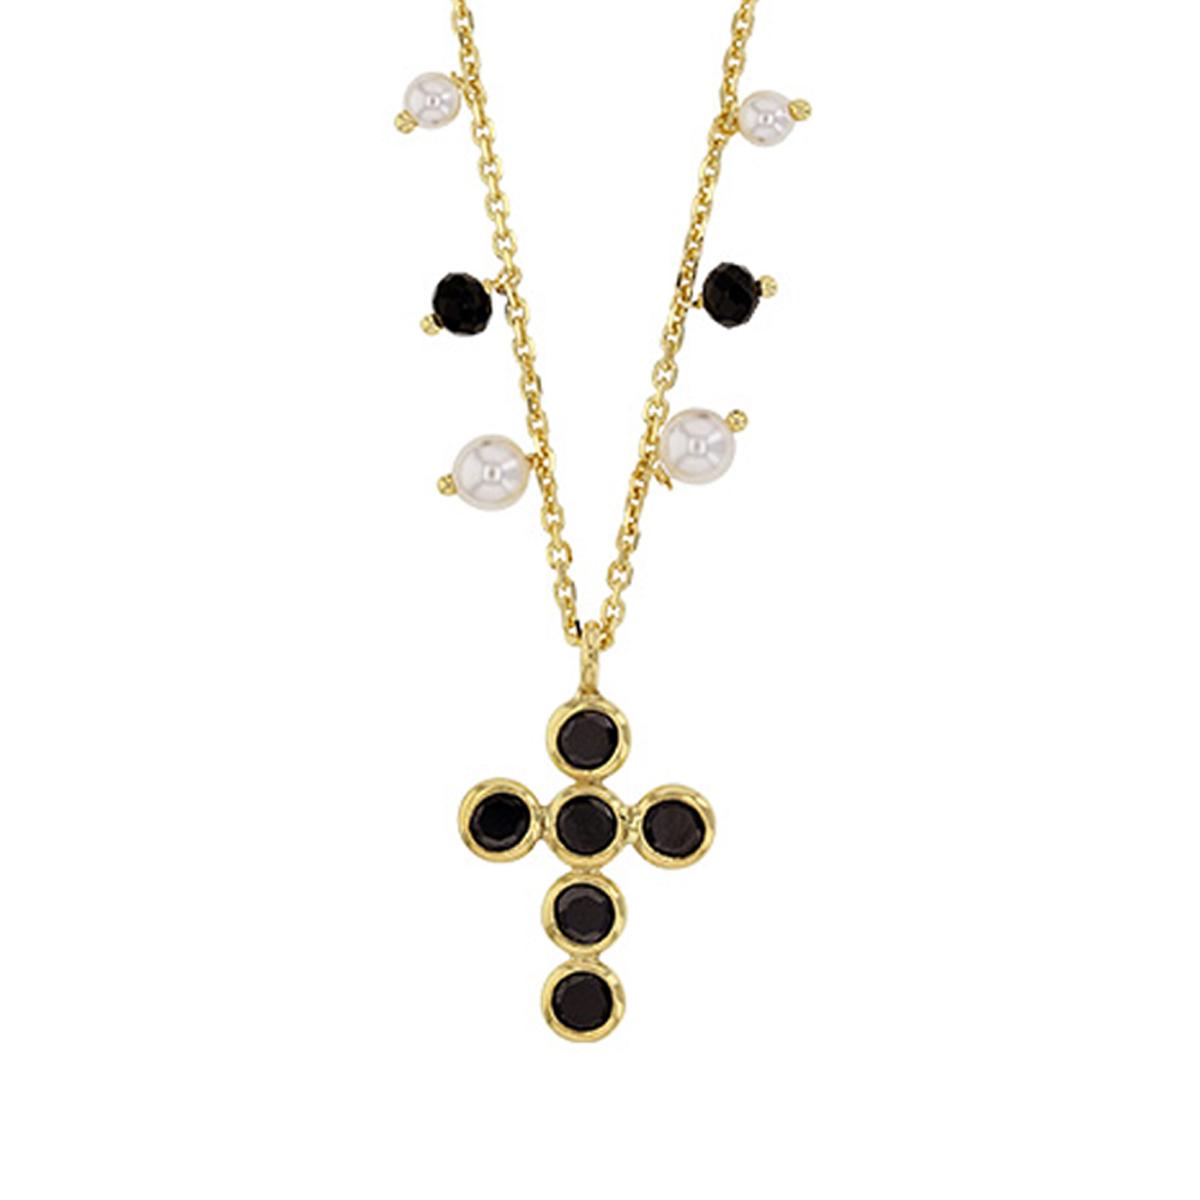 Collier Argent artisanal \'Croix Gypsy\' noir doré - 17x13 mm - [R5470]